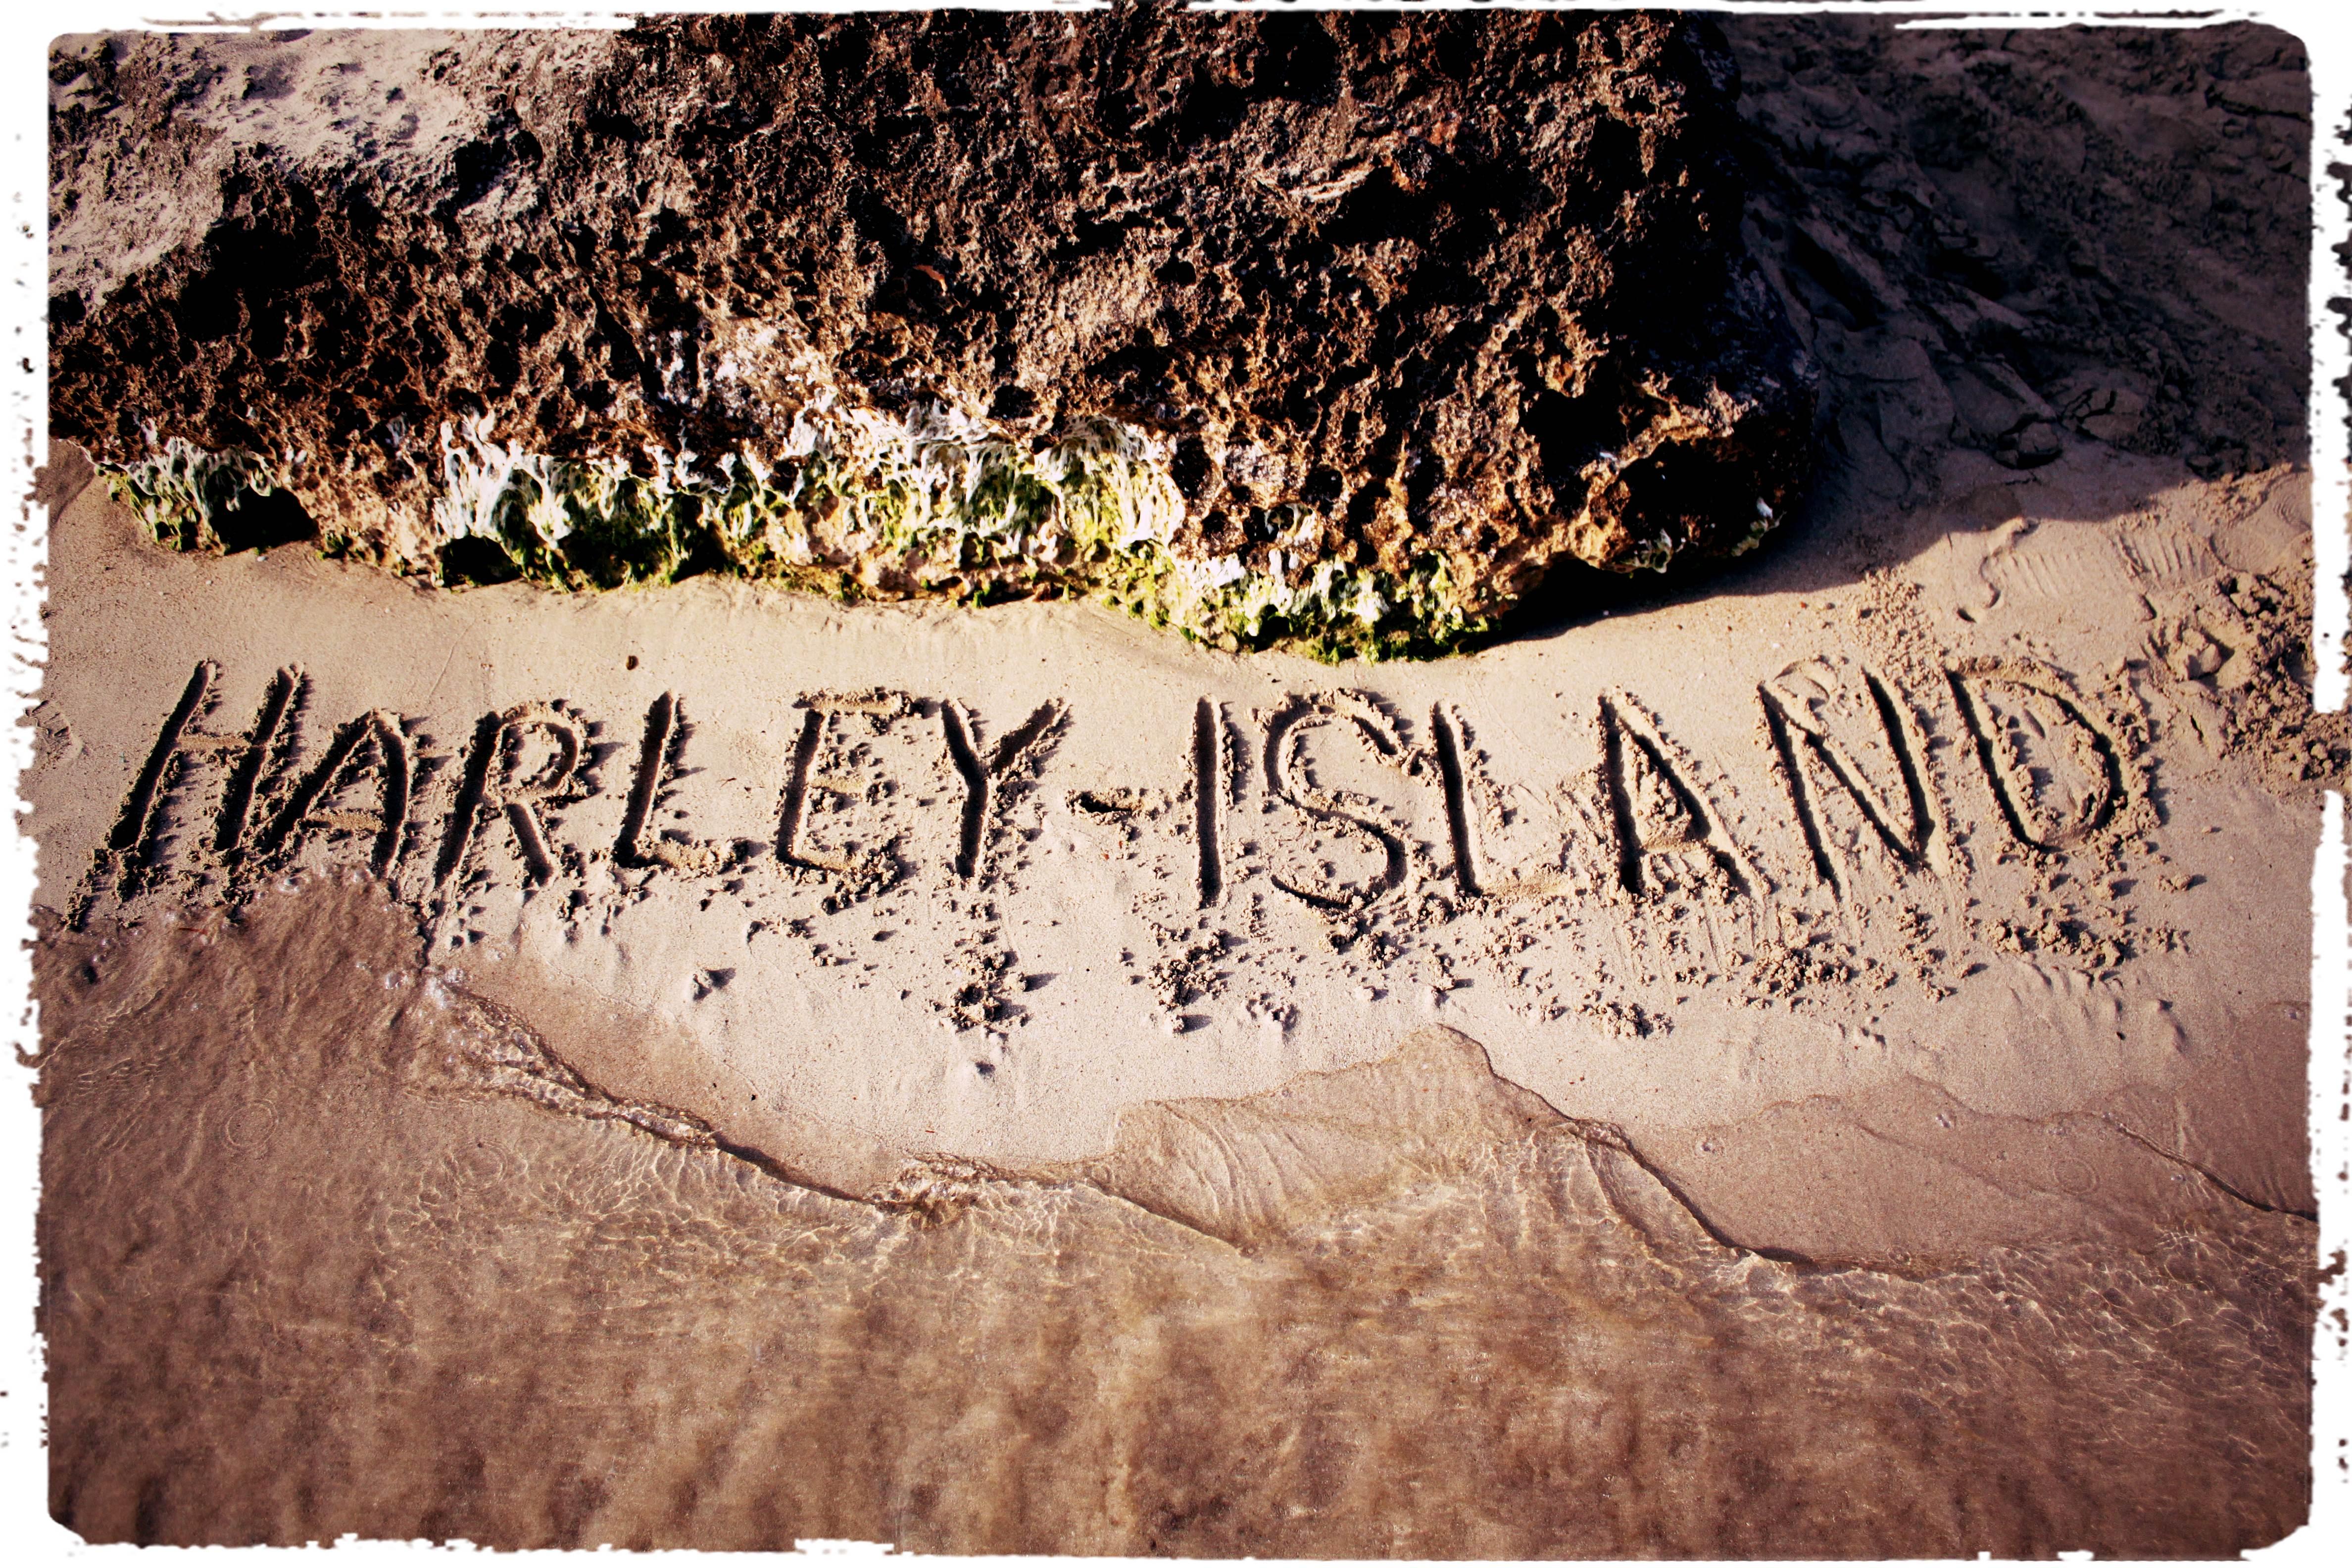 Harley_island_eingetragen